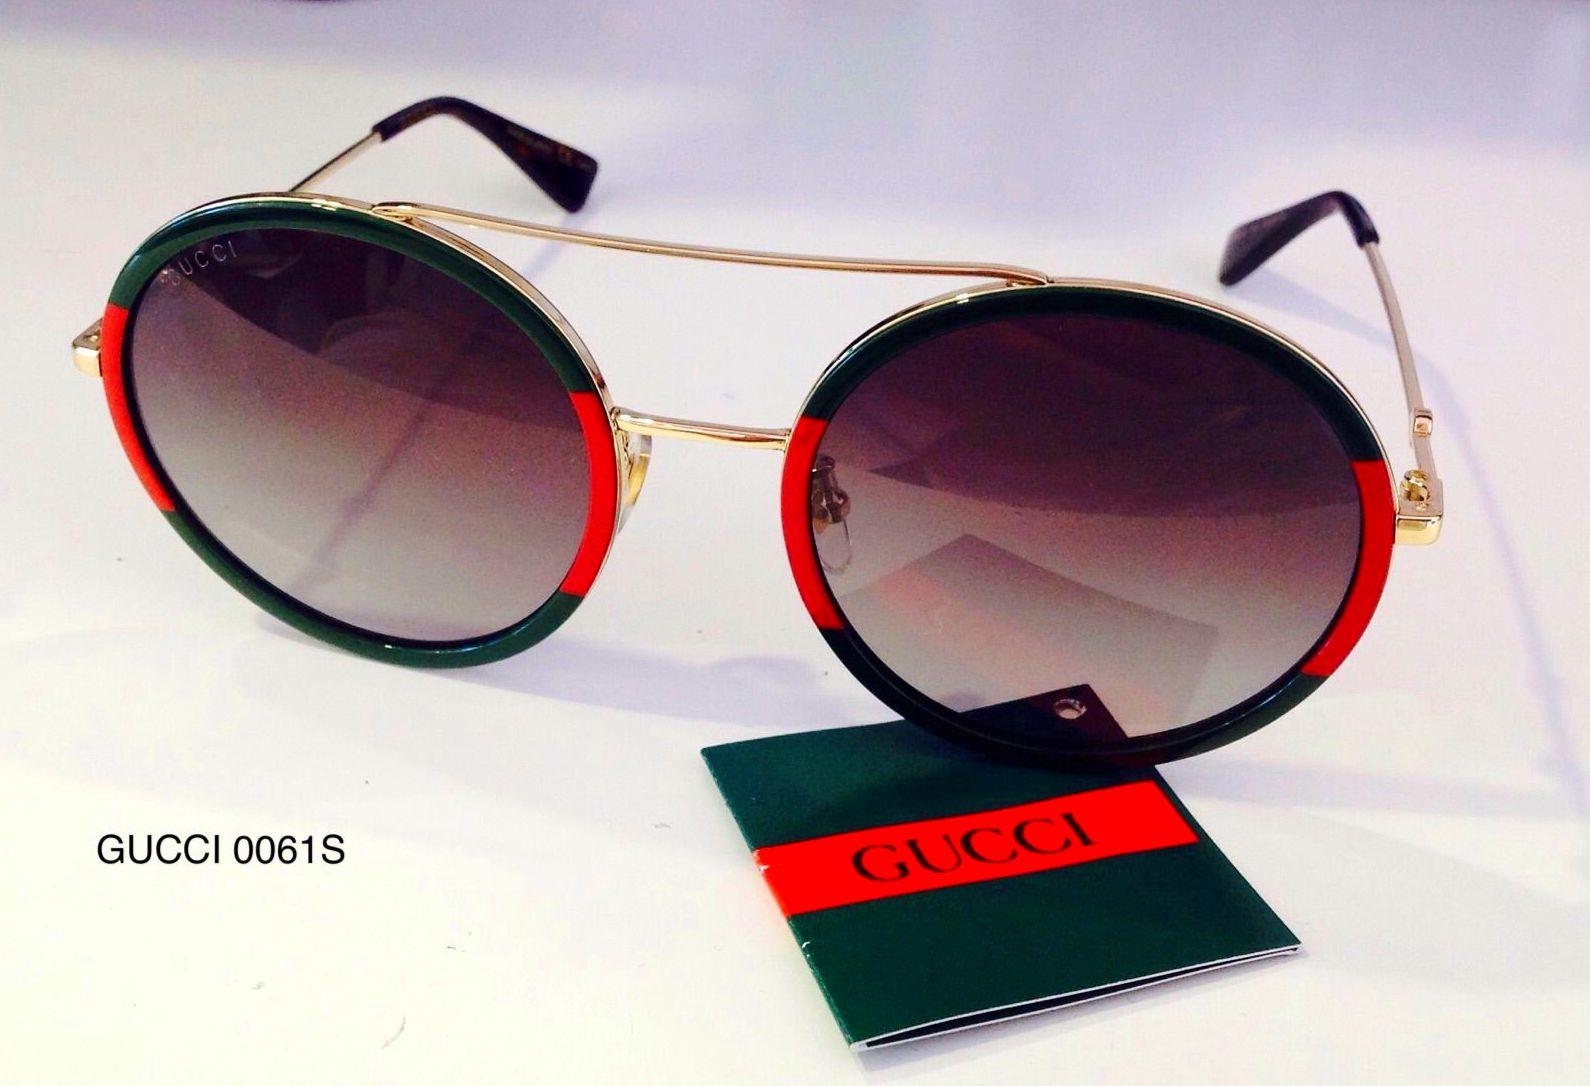 Gucci 0061: Productos y Servicios de Óptica Fleta